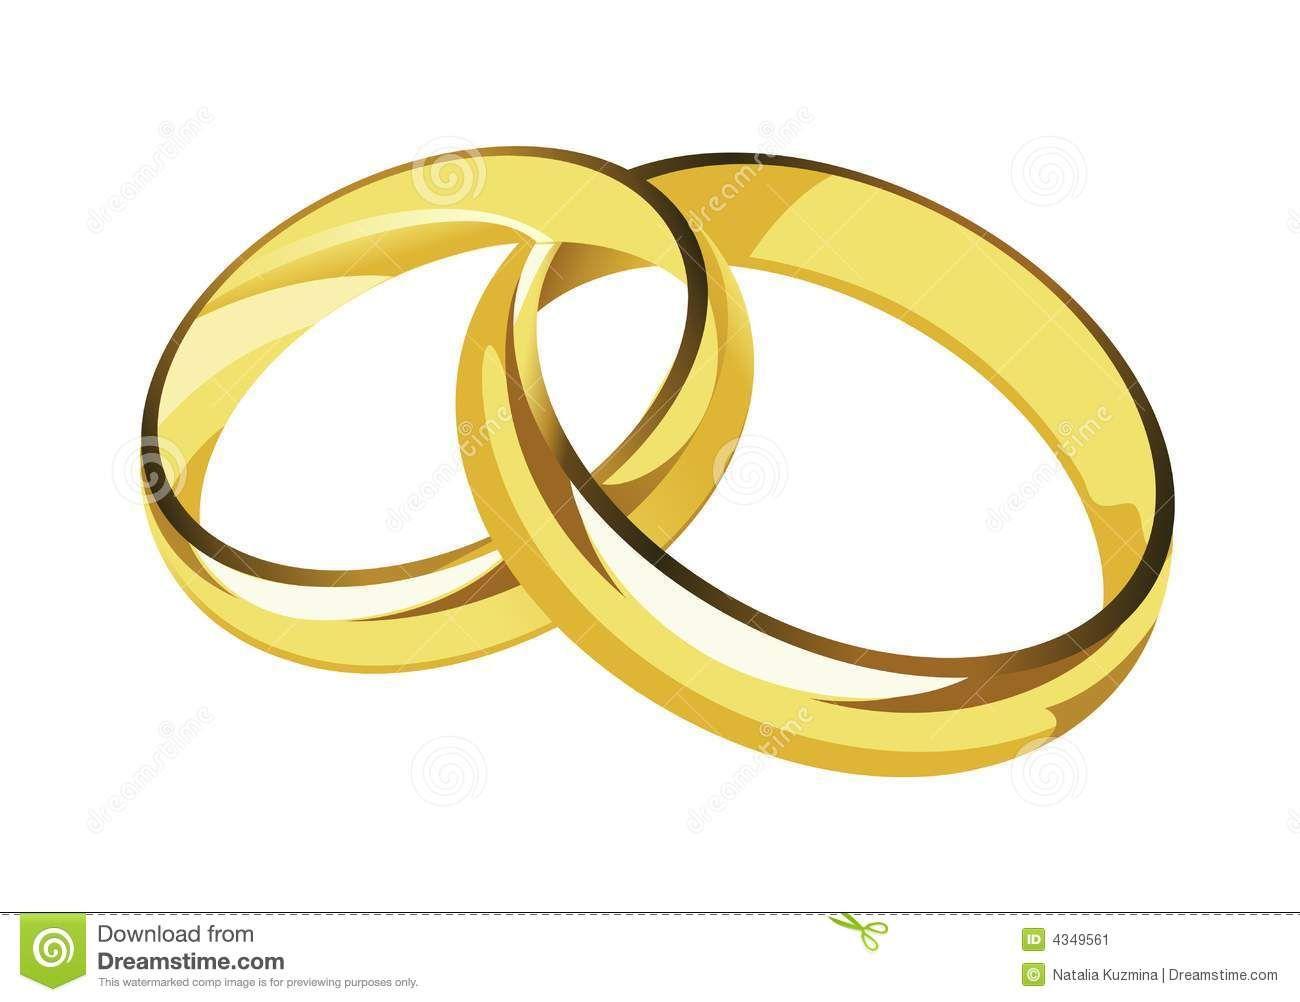 hochzeitsringe-4.jpg 4.4×4.4 Pixel  Hochzeit ringe